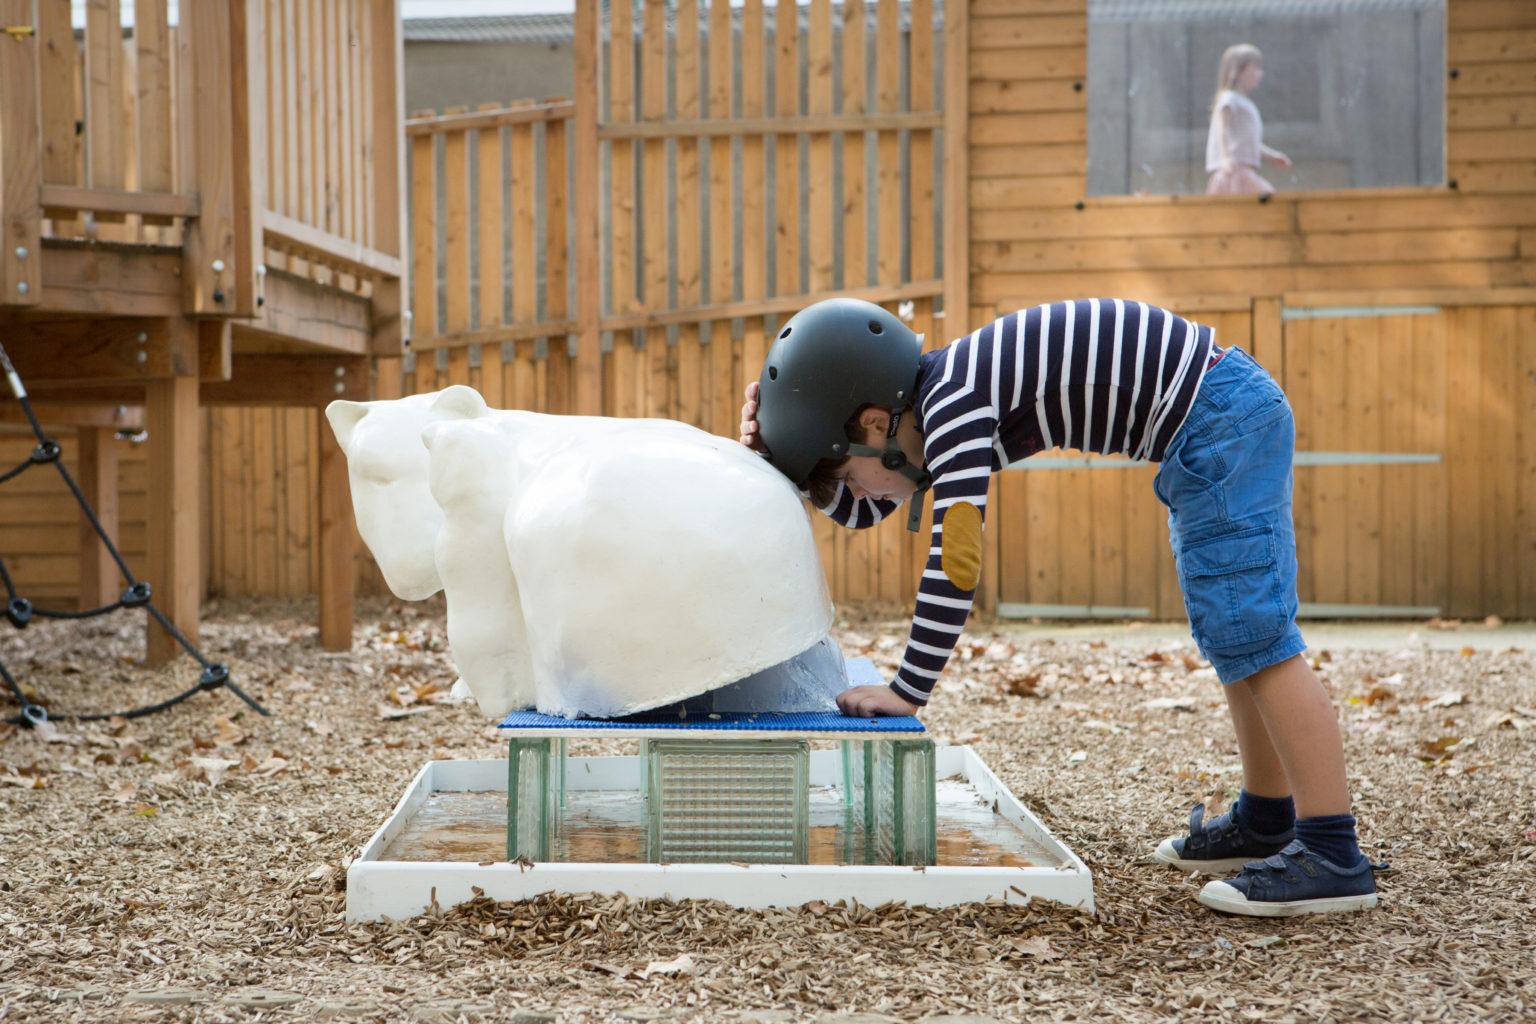 Les 36 blocs de glace ont presque entièrement fondu en une seule journée !  © Marion Pouliquen